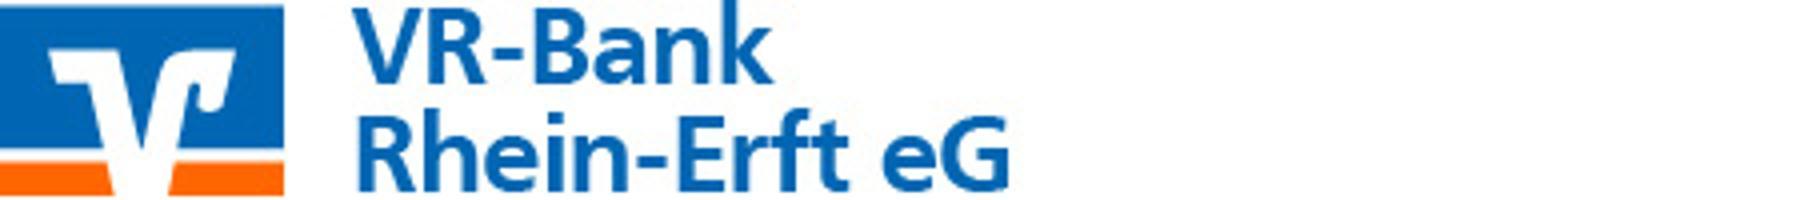 VR-Bank Rhein-Erft eG - Filiale Heimerzheim